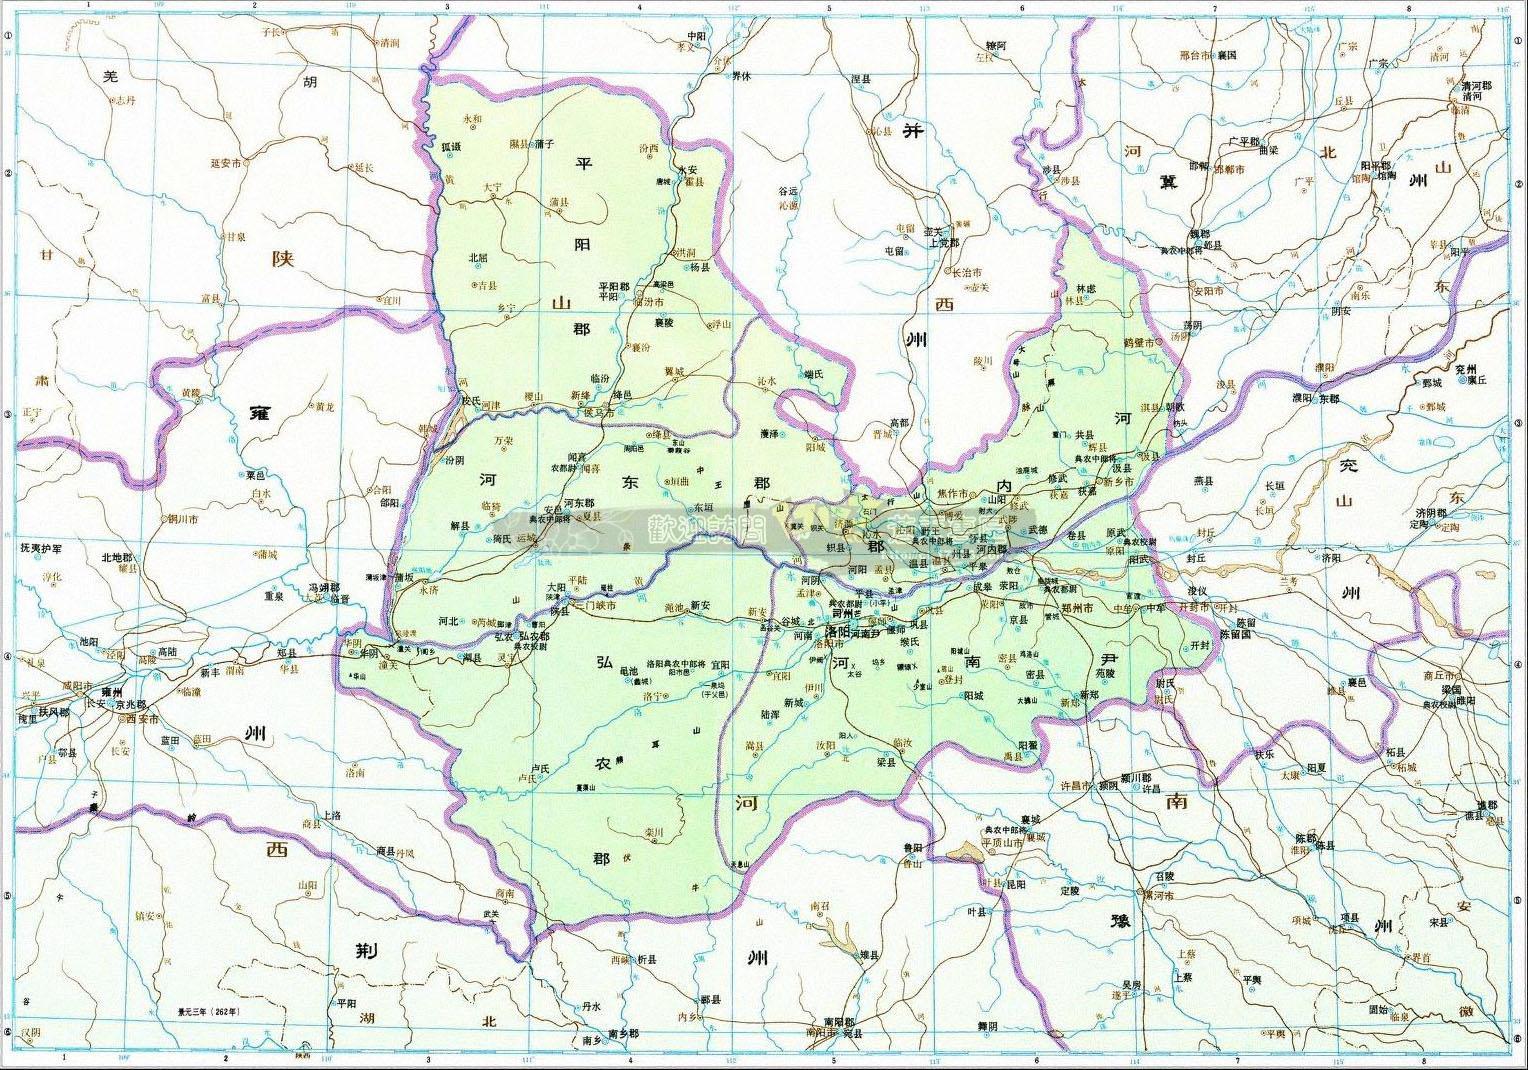 三国时代14个区域划分地图(超大图)